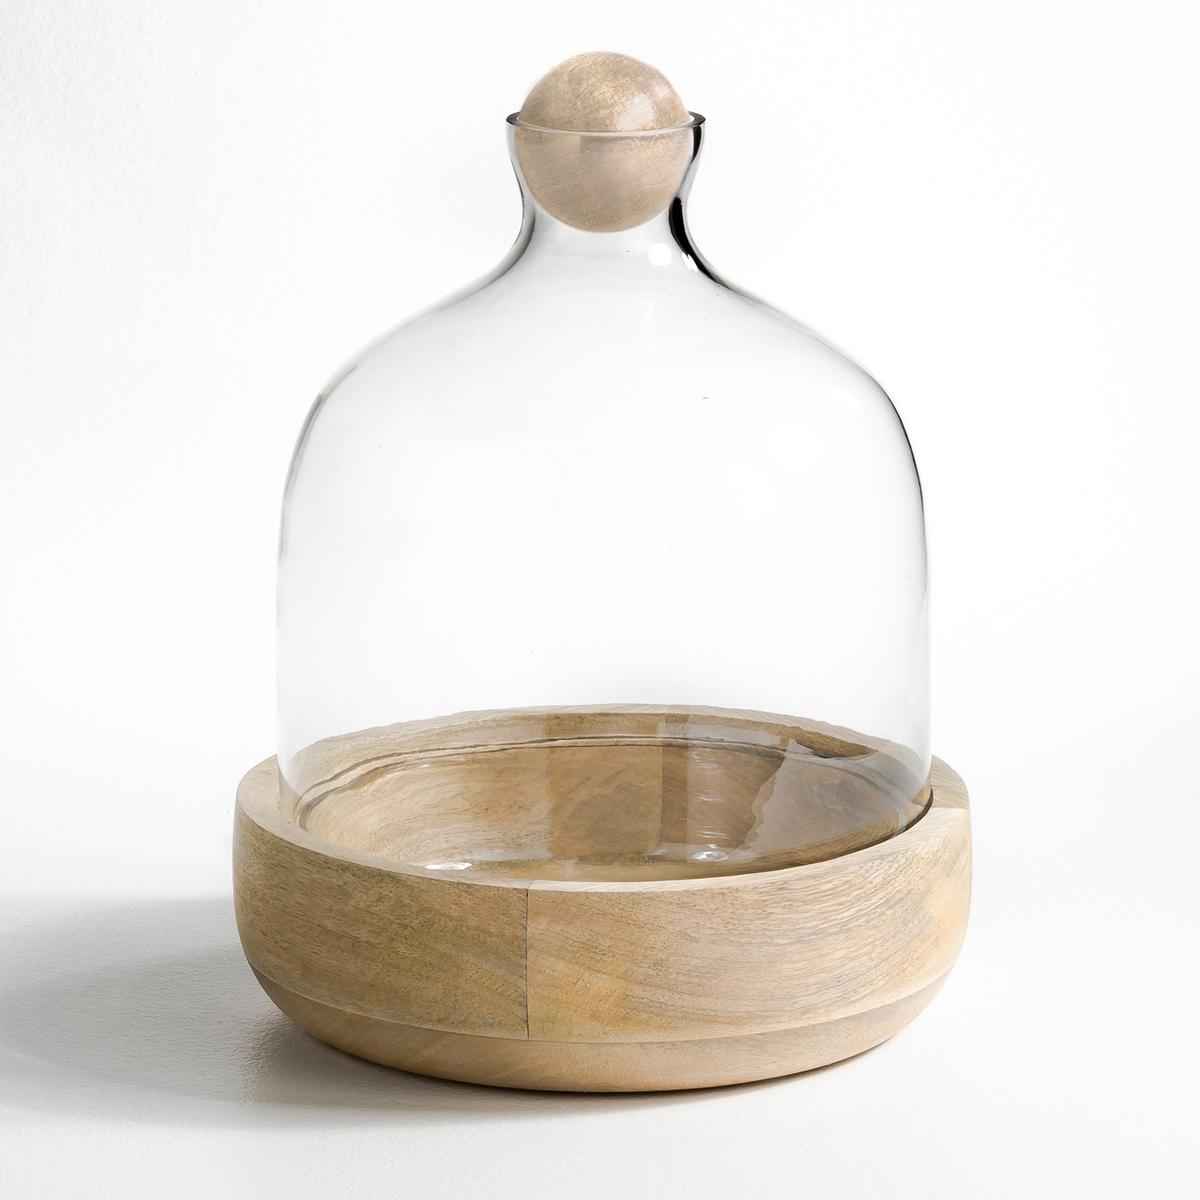 Террариум Rozo из стекла и мангового дереваЭкологическая мини-теплица по переработке воды и воздуха.Сосуд хорошо пропускает свет, а если он плотно закрыт, то внутри образуется конденсат за счёт испарений из влажной почвы.Идеально подходит для маленьких растений, которые нуждаются в повышенной влажности.  Размеры: ? 27, Выс. 35 см.<br><br>Цвет: прозрачный/натуральное дерево